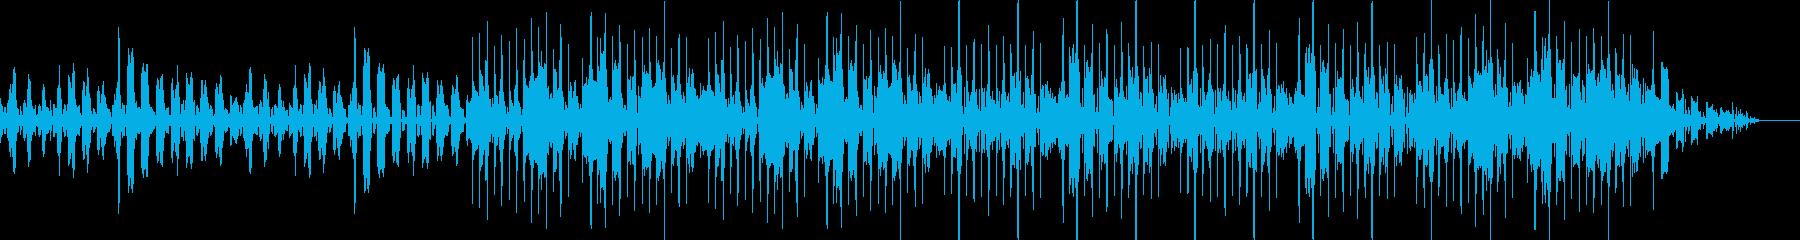 ベースとキック(バスドラム)抜きの再生済みの波形